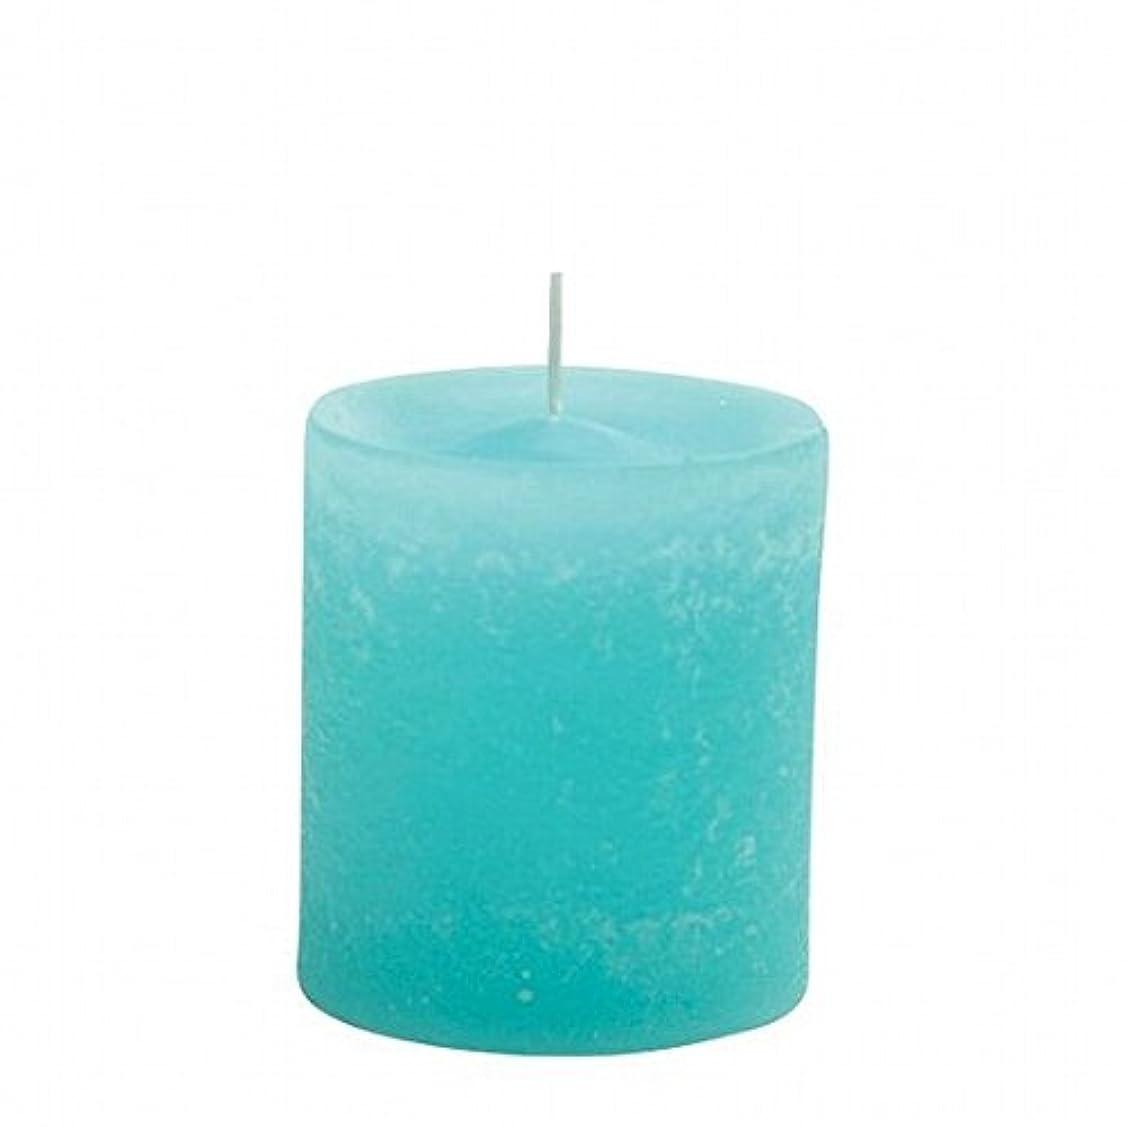 kameyama candle(カメヤマキャンドル) ラスティクピラー70×75 「 ライトブルー 」(A4930010LB)